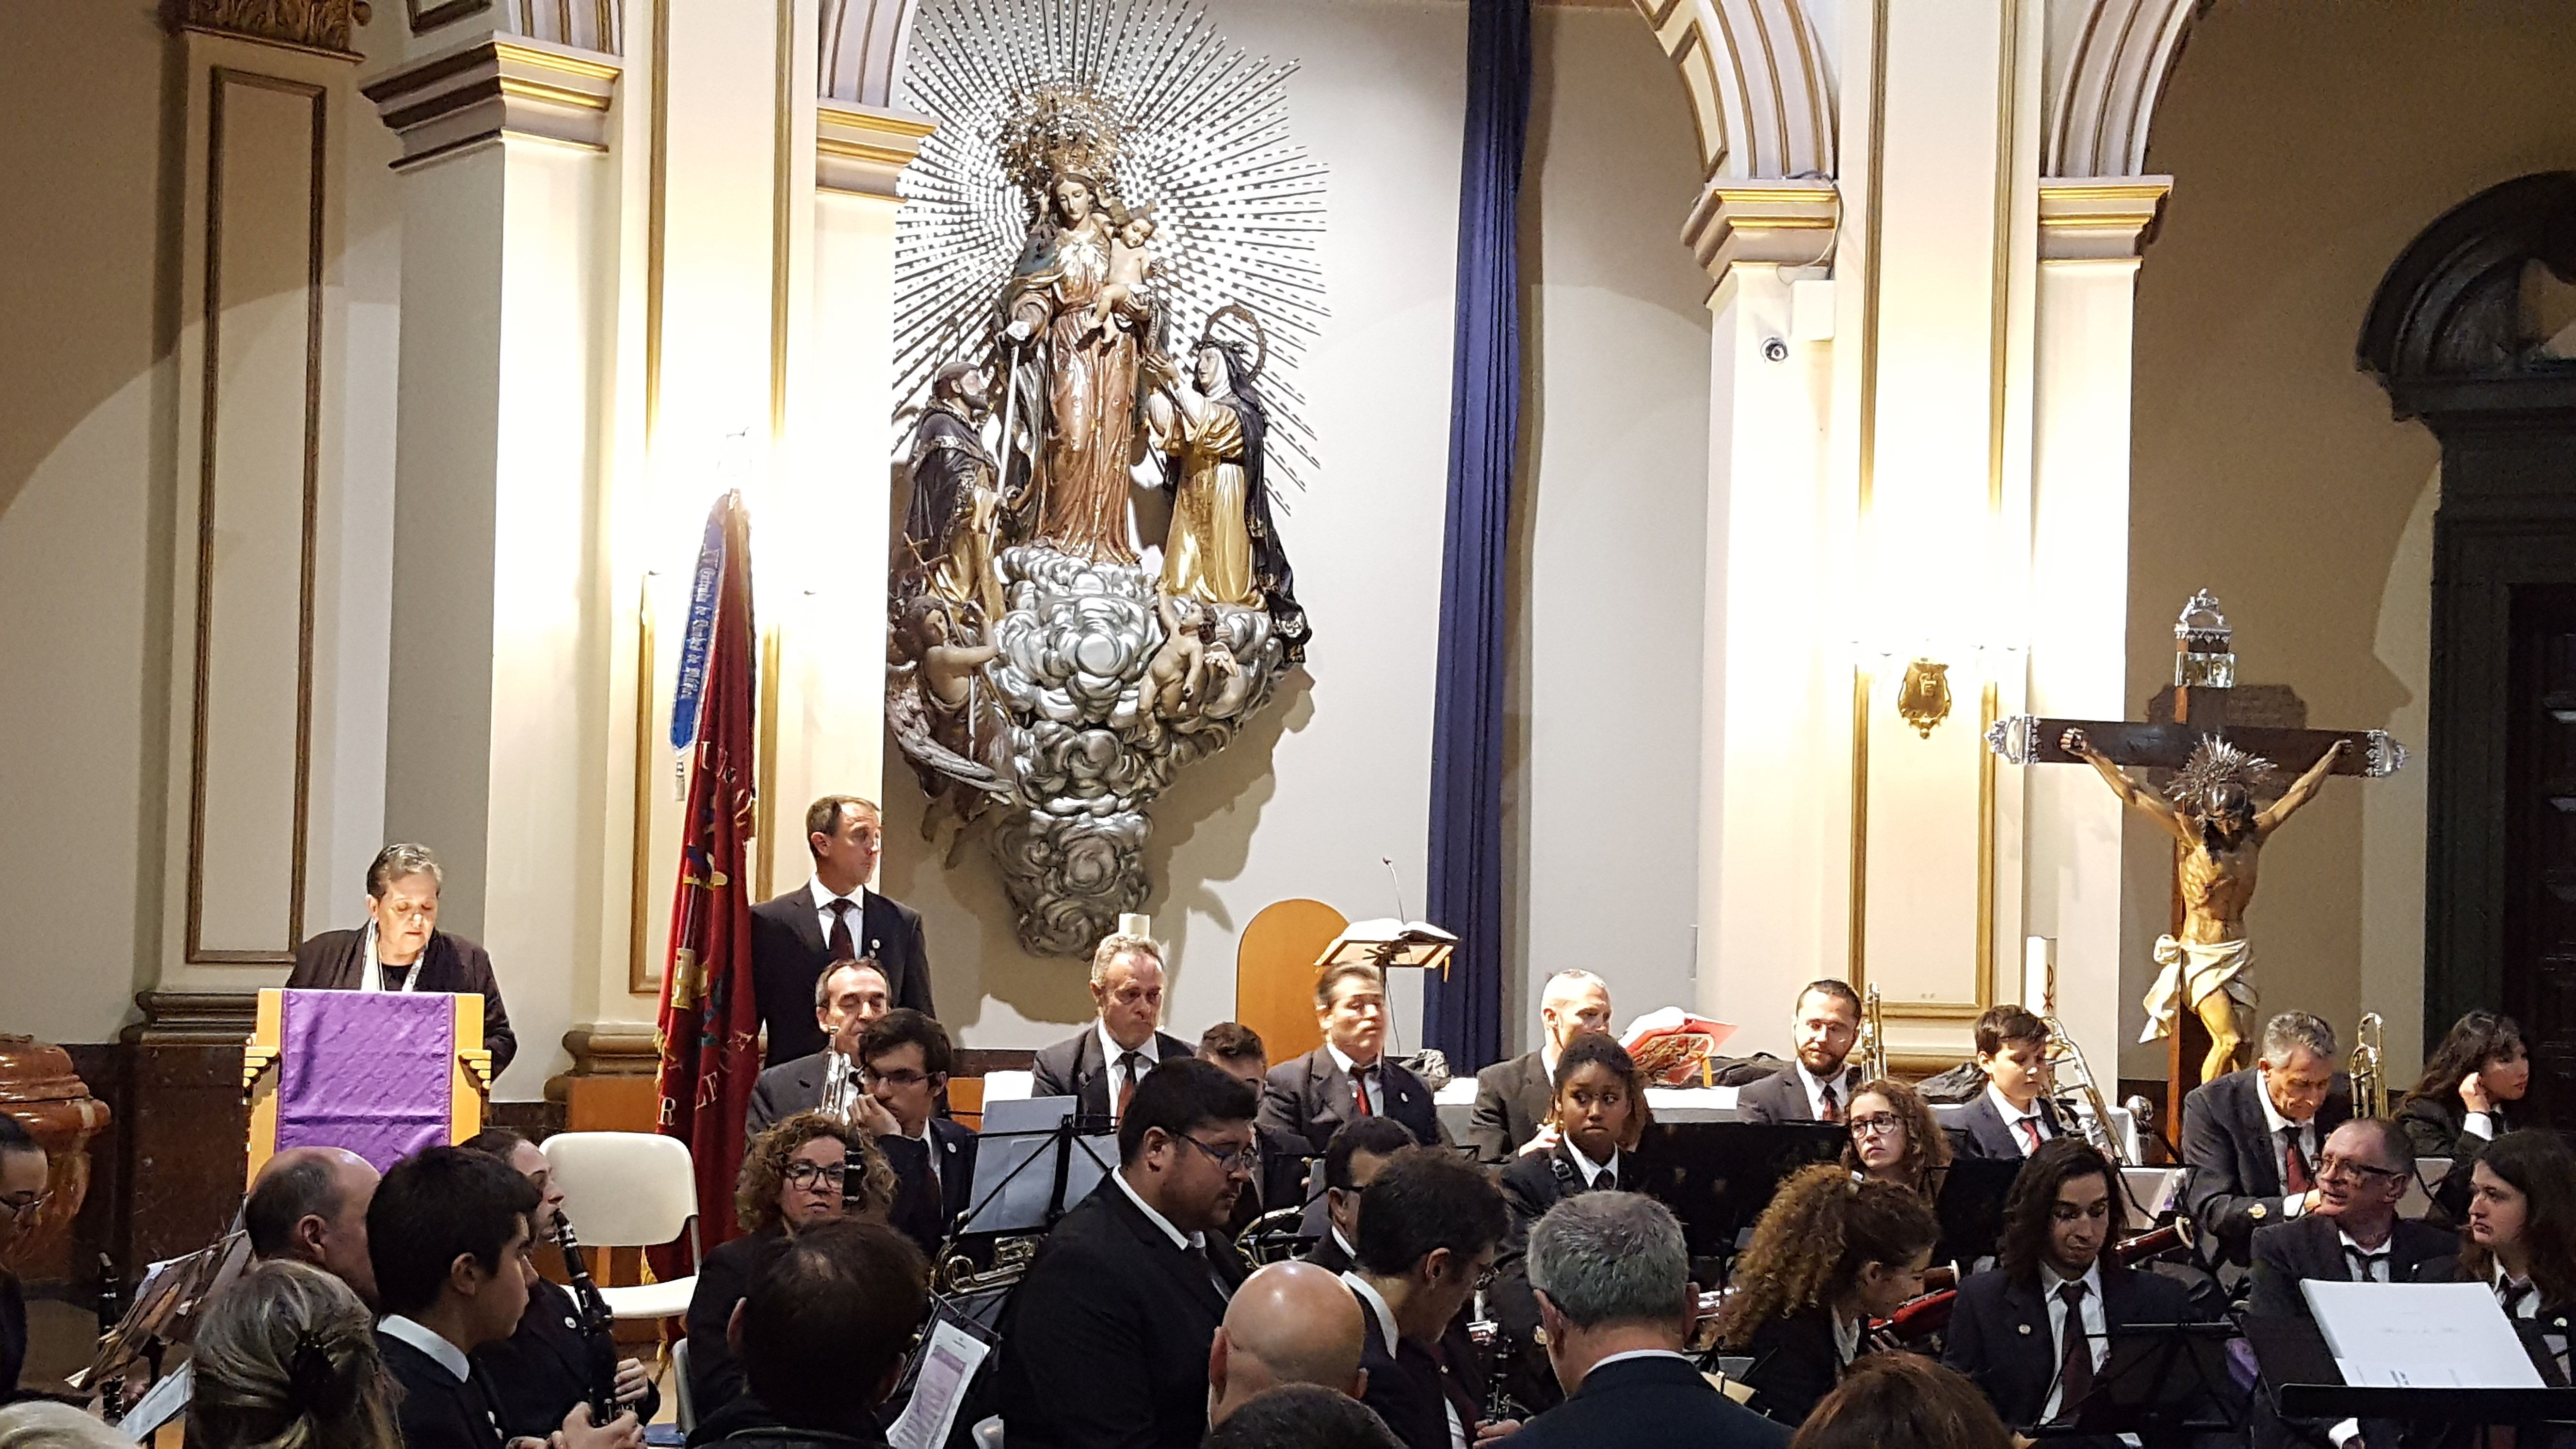 La Banda de l'Ateneu Musical del Port protagonista en el Concert de l'inici de Quaresma